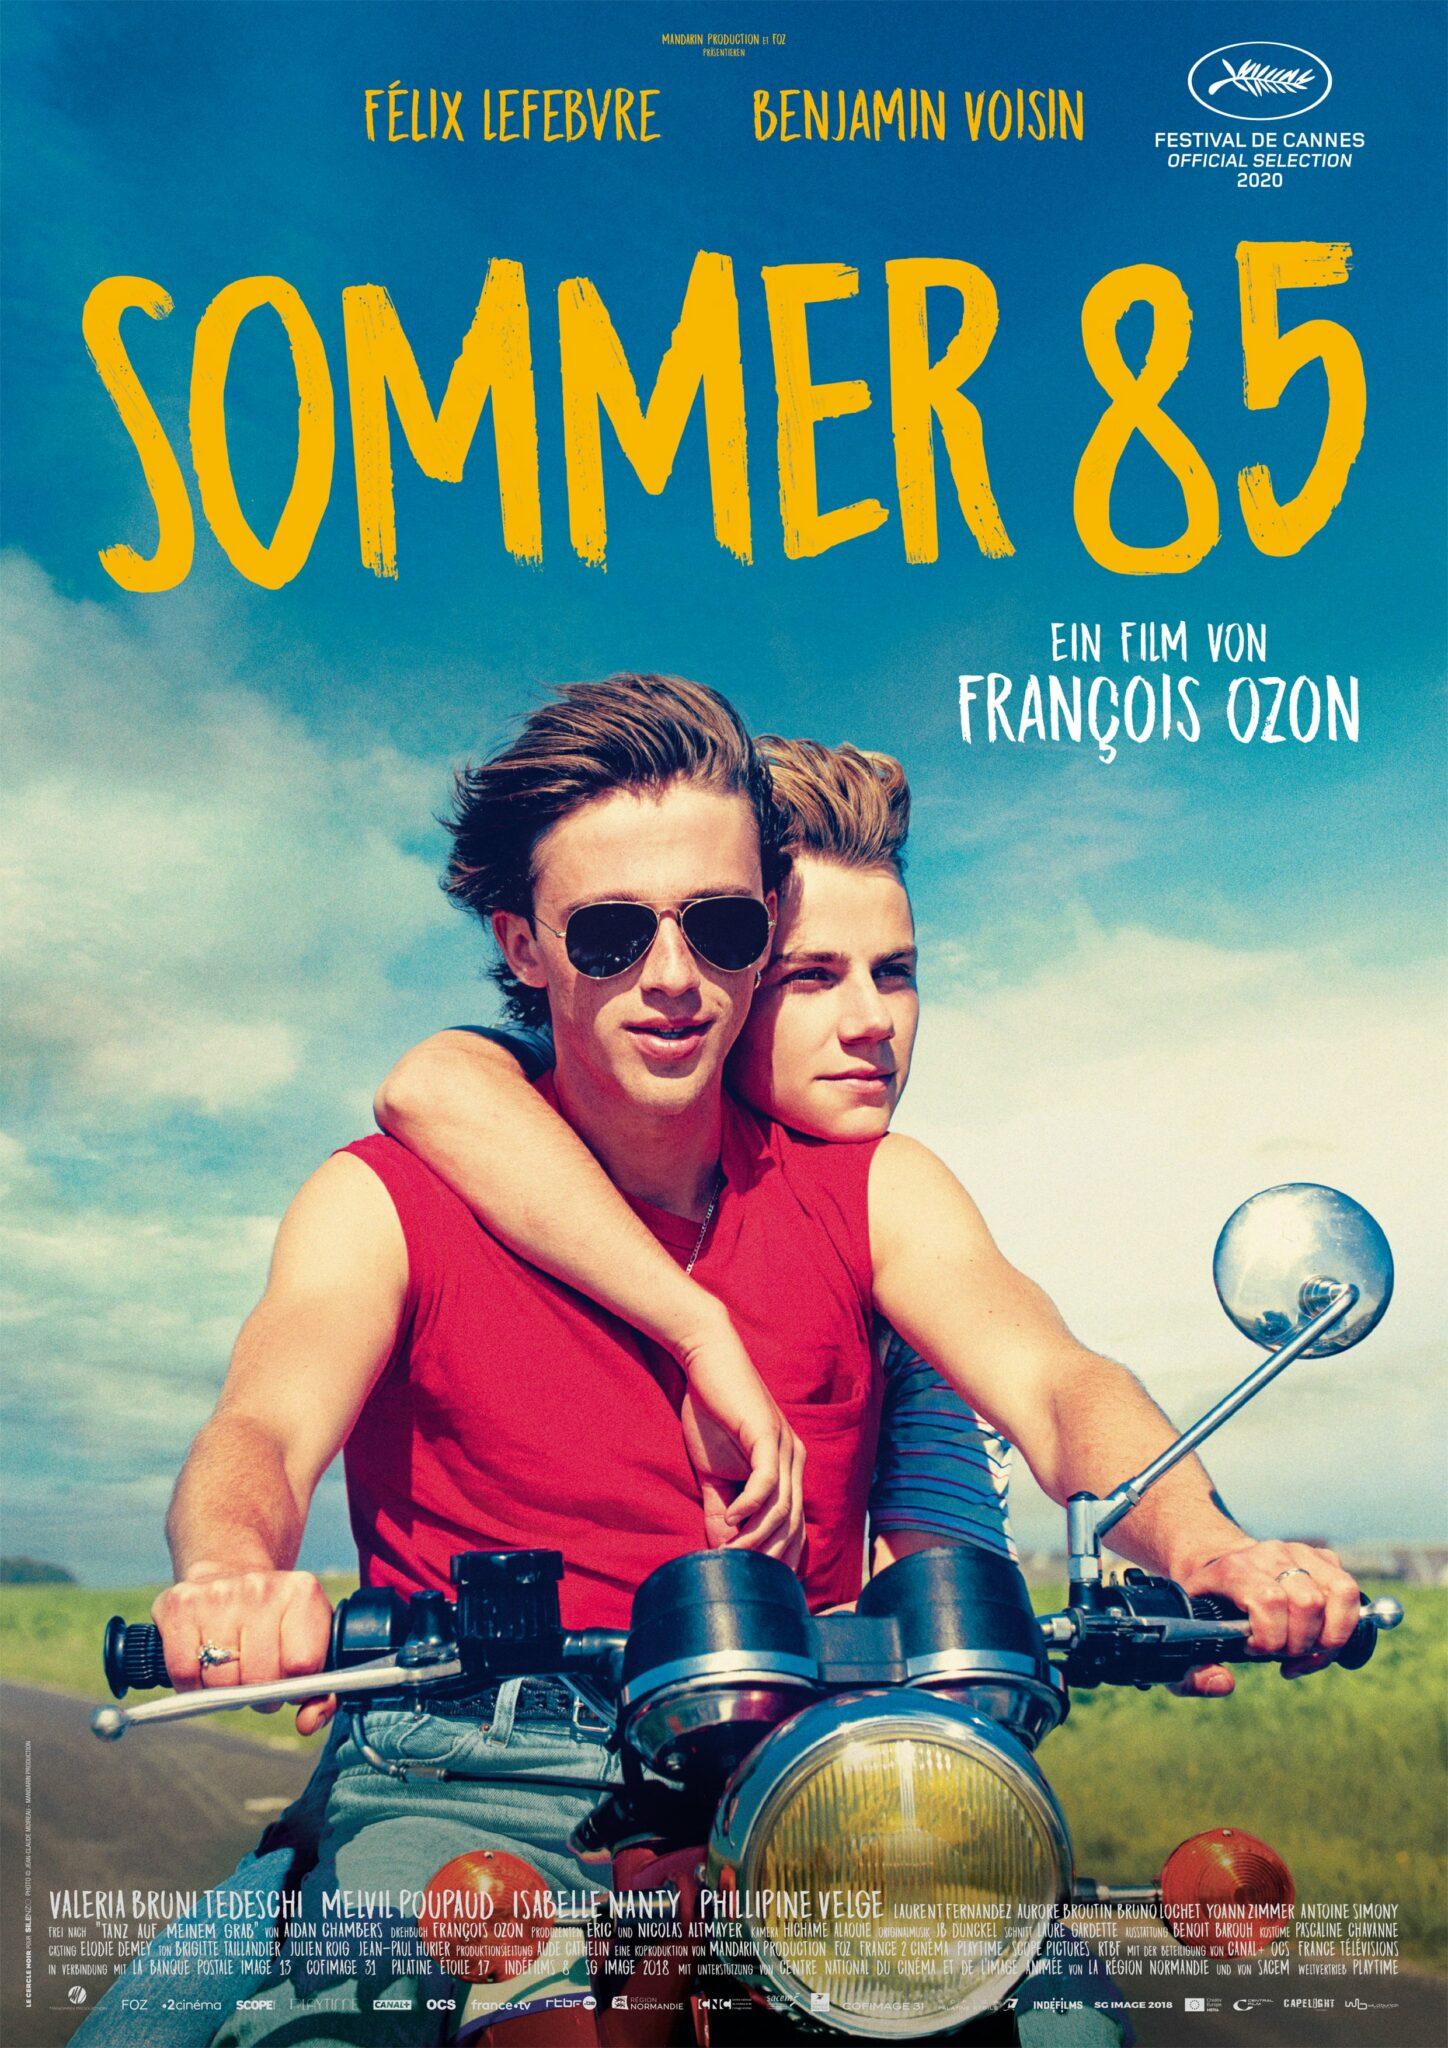 Auf dem Filmplakat zu Sommer 85 sind Hauptfiguren Alexis (Félix Lefebvre) und David (Benjamin Voisin) gemeinsam auf einem Motorrad zu sehen.